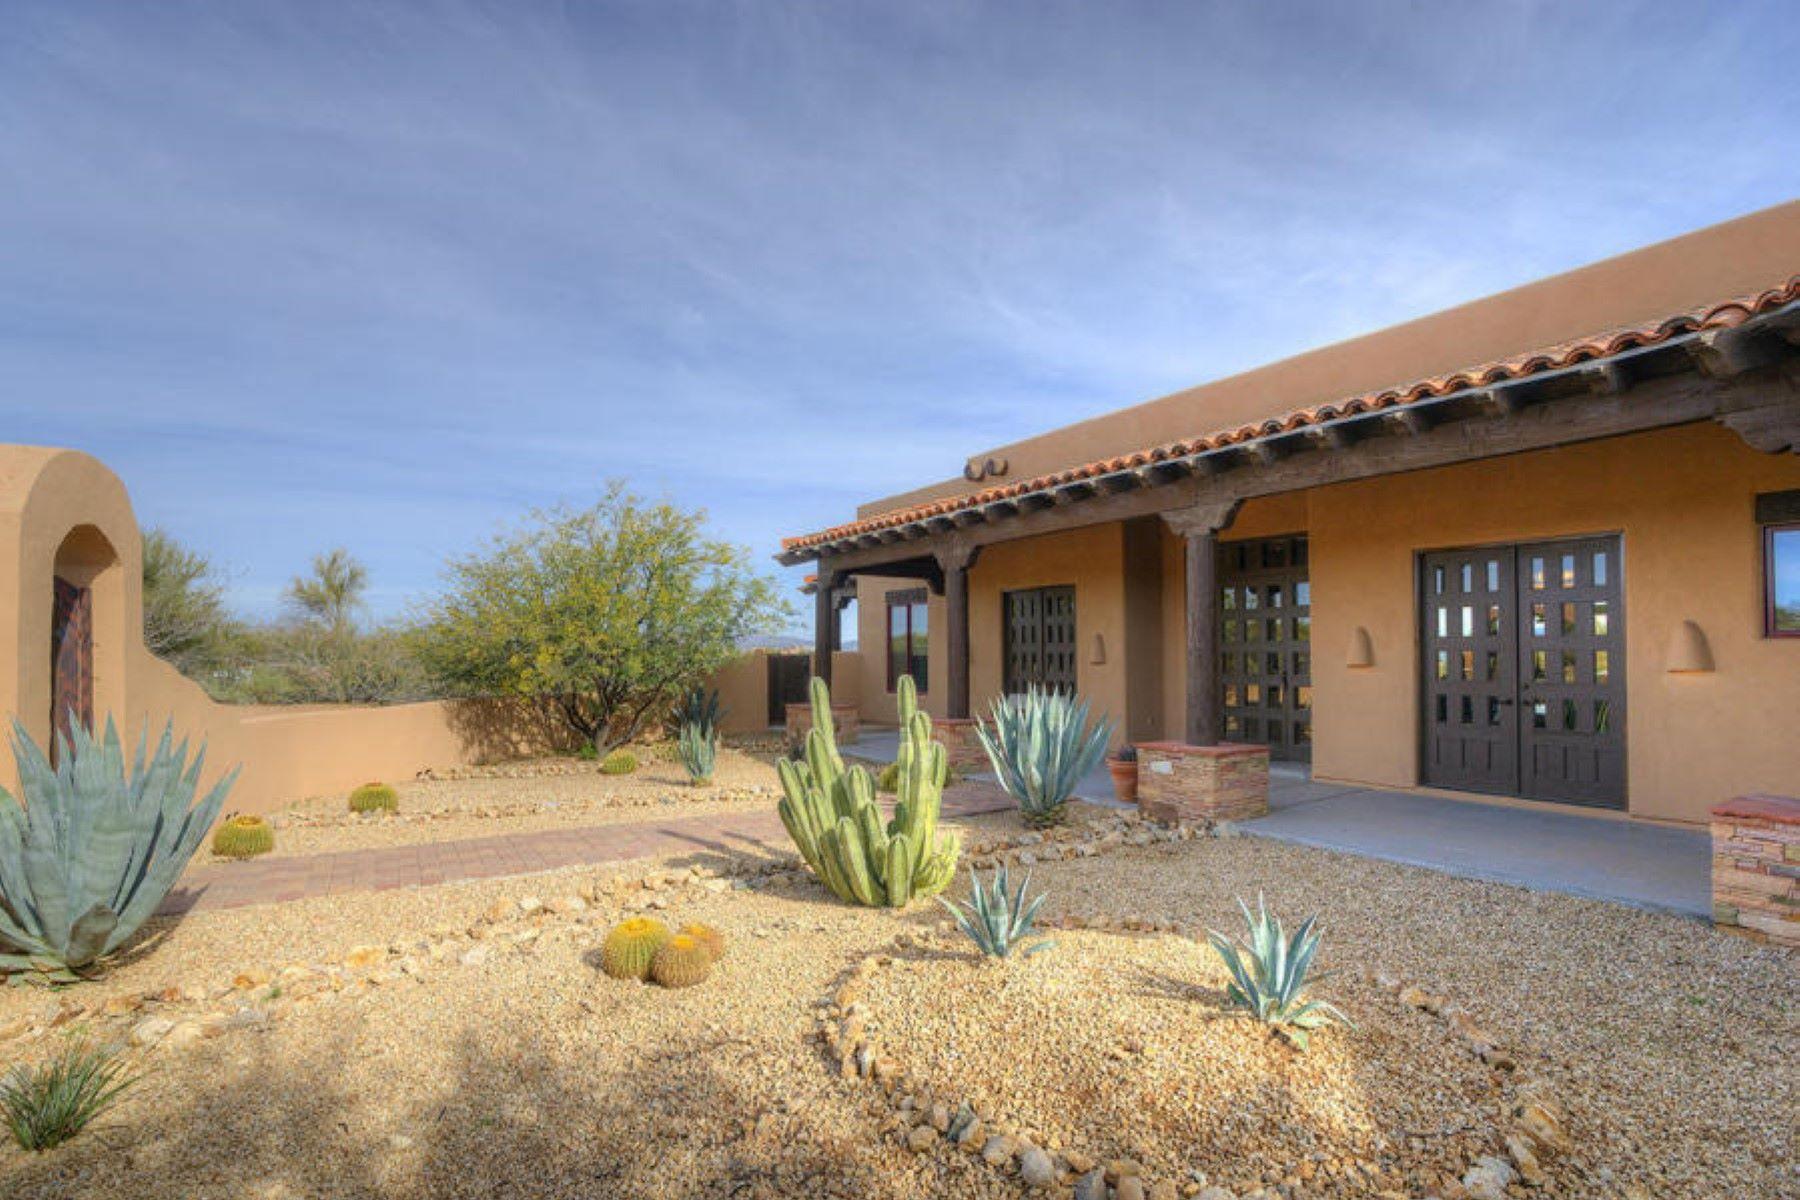 Maison unifamiliale pour l Vente à Nelson Ranch 14838 E Lomas Verdes Dr, Scottsdale, Arizona, 85262 États-Unis